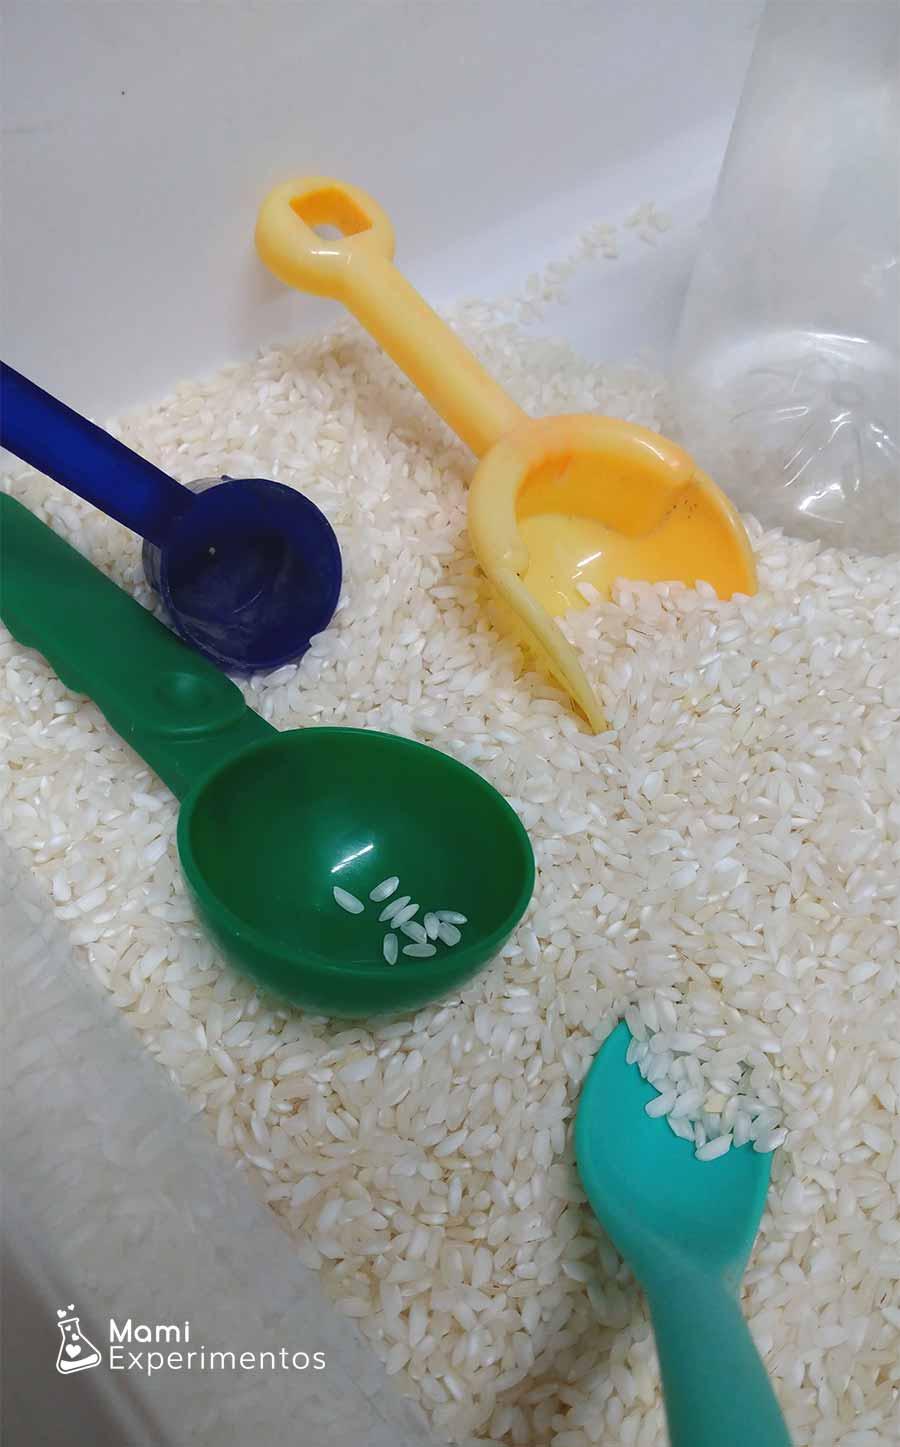 Trasvases con arroz para botella sensorial muñeco de nieve